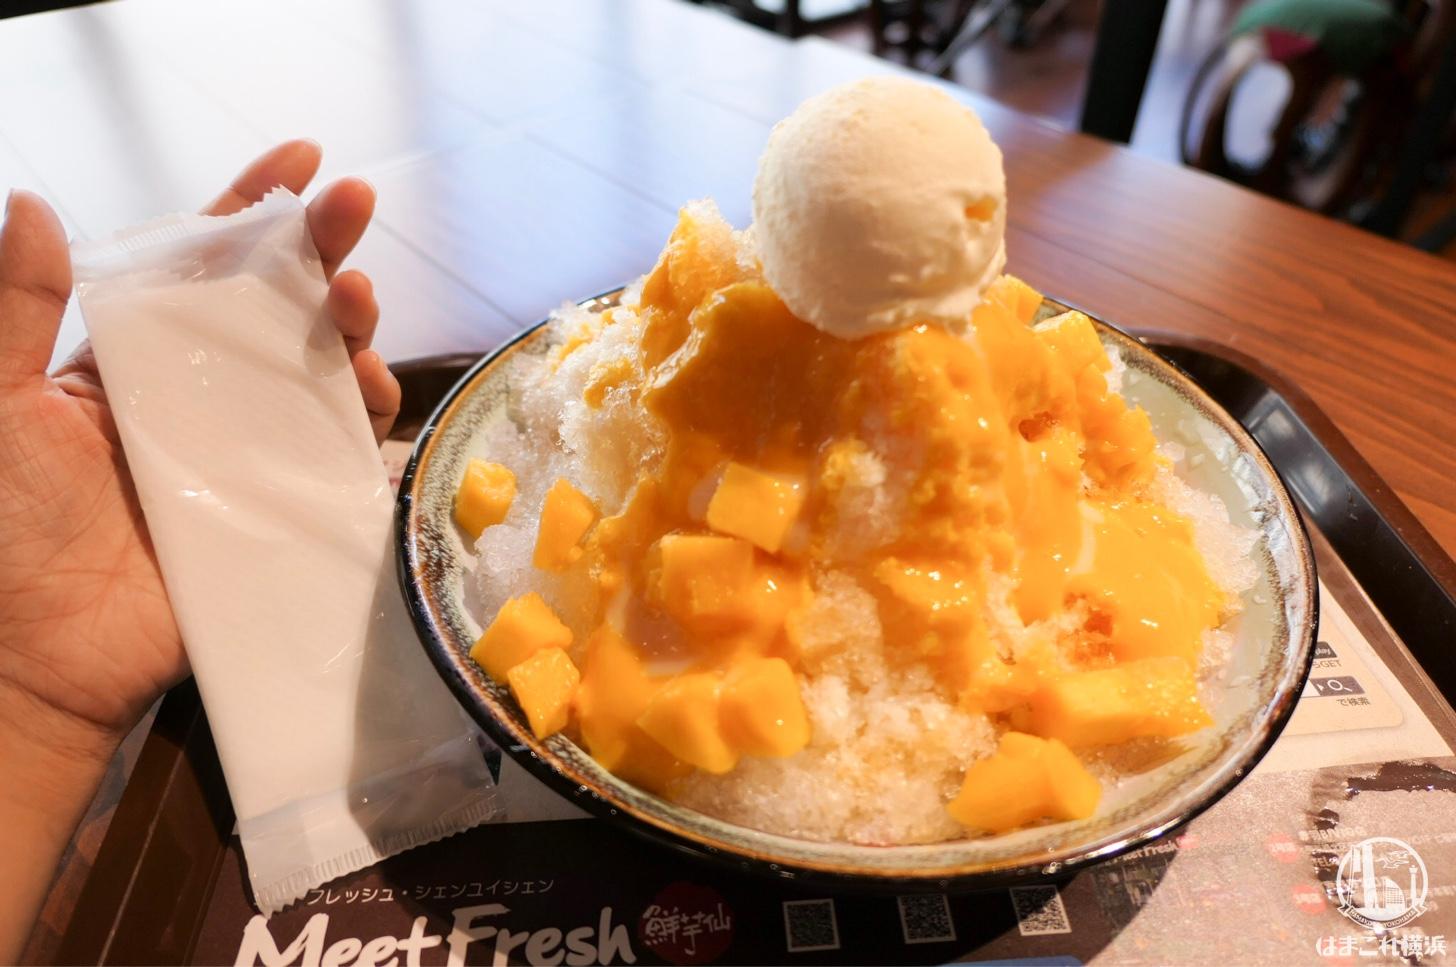 マンゴーミルクかき氷 お手拭きと比較